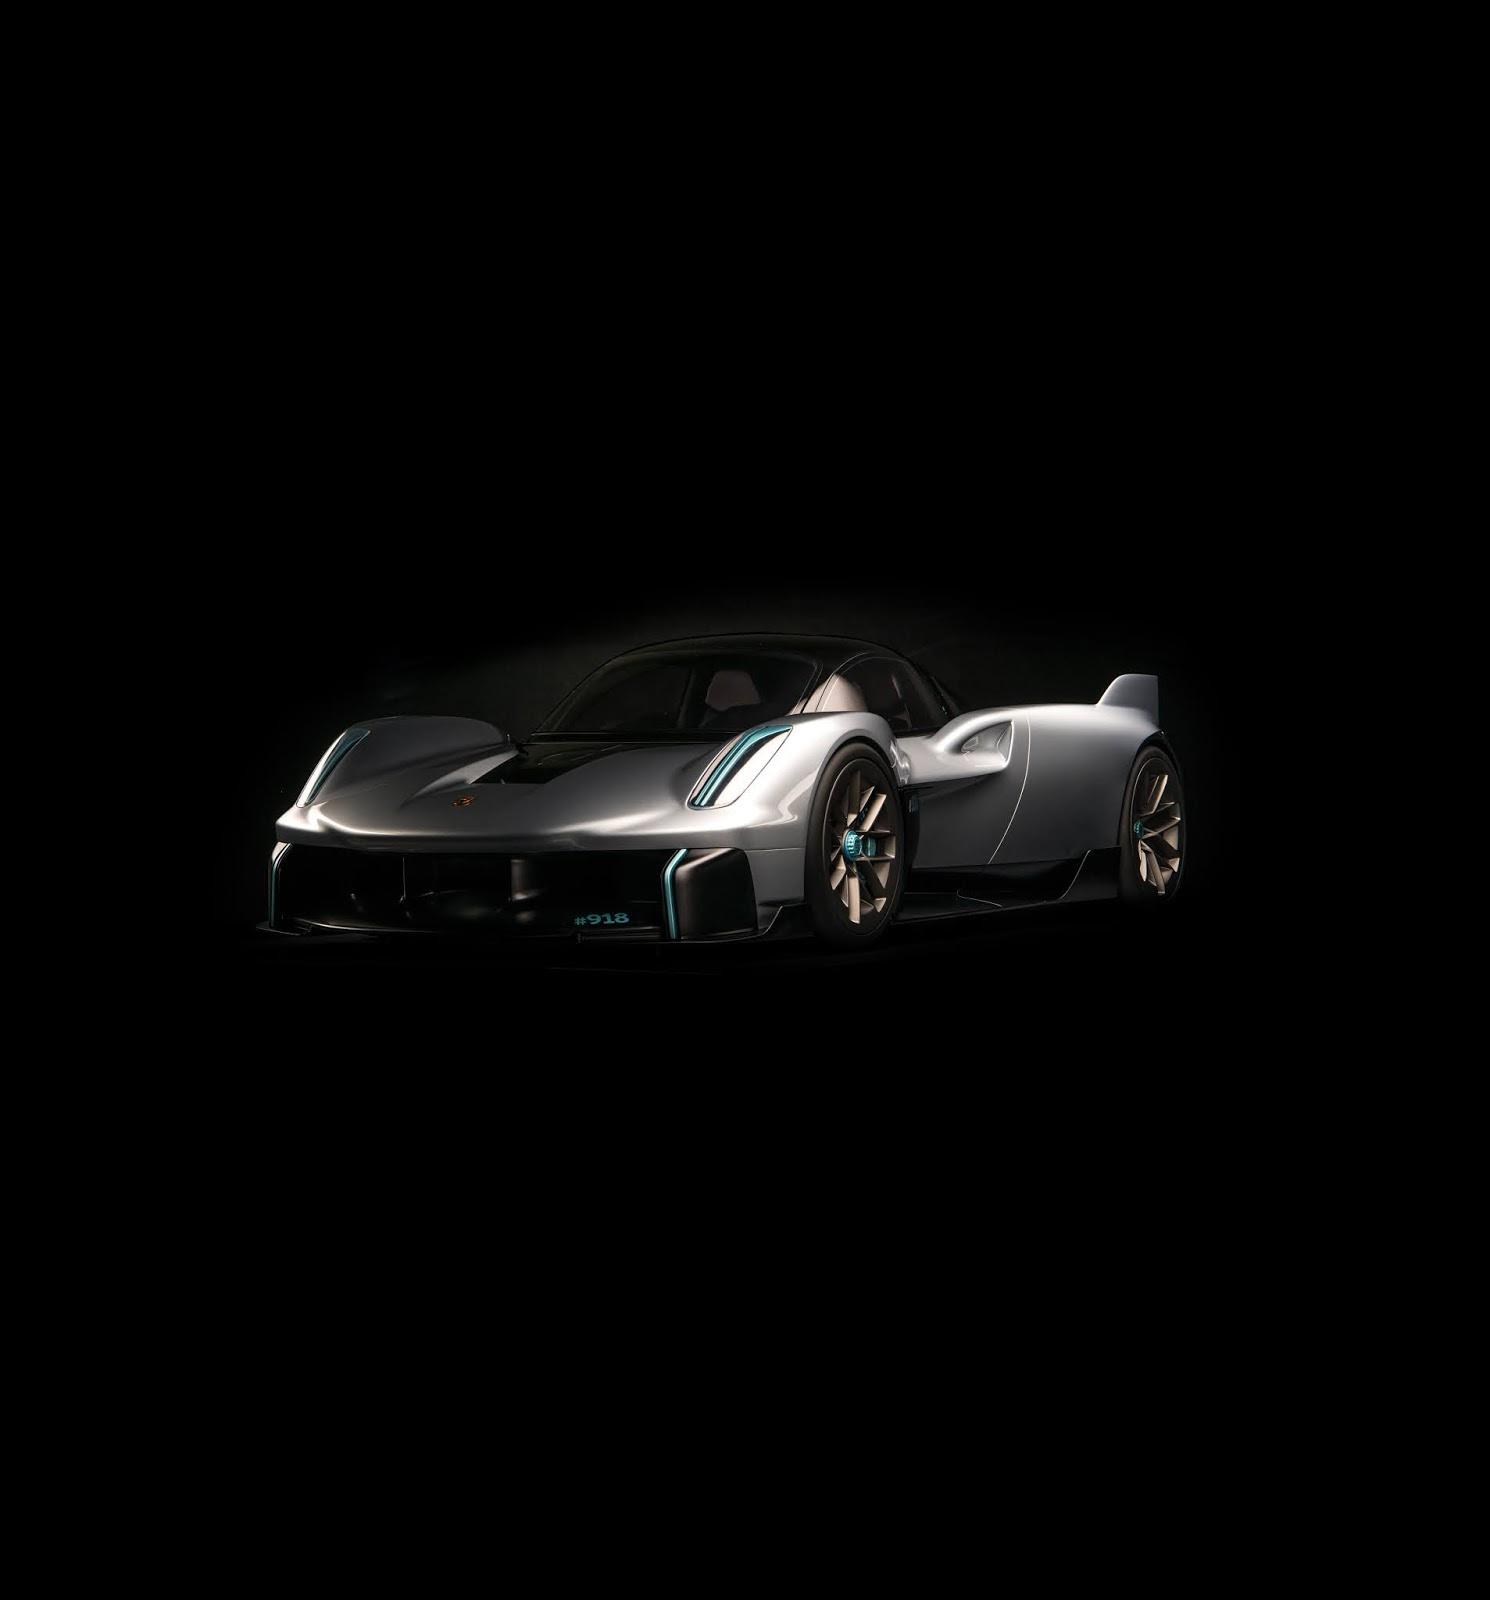 Capture0016 Τα άγνωστα Hypercars της Porsche hypercar, Porsche, Porsche Unseen, Sunday, supercar, supercars, zblog, ειδήσεις